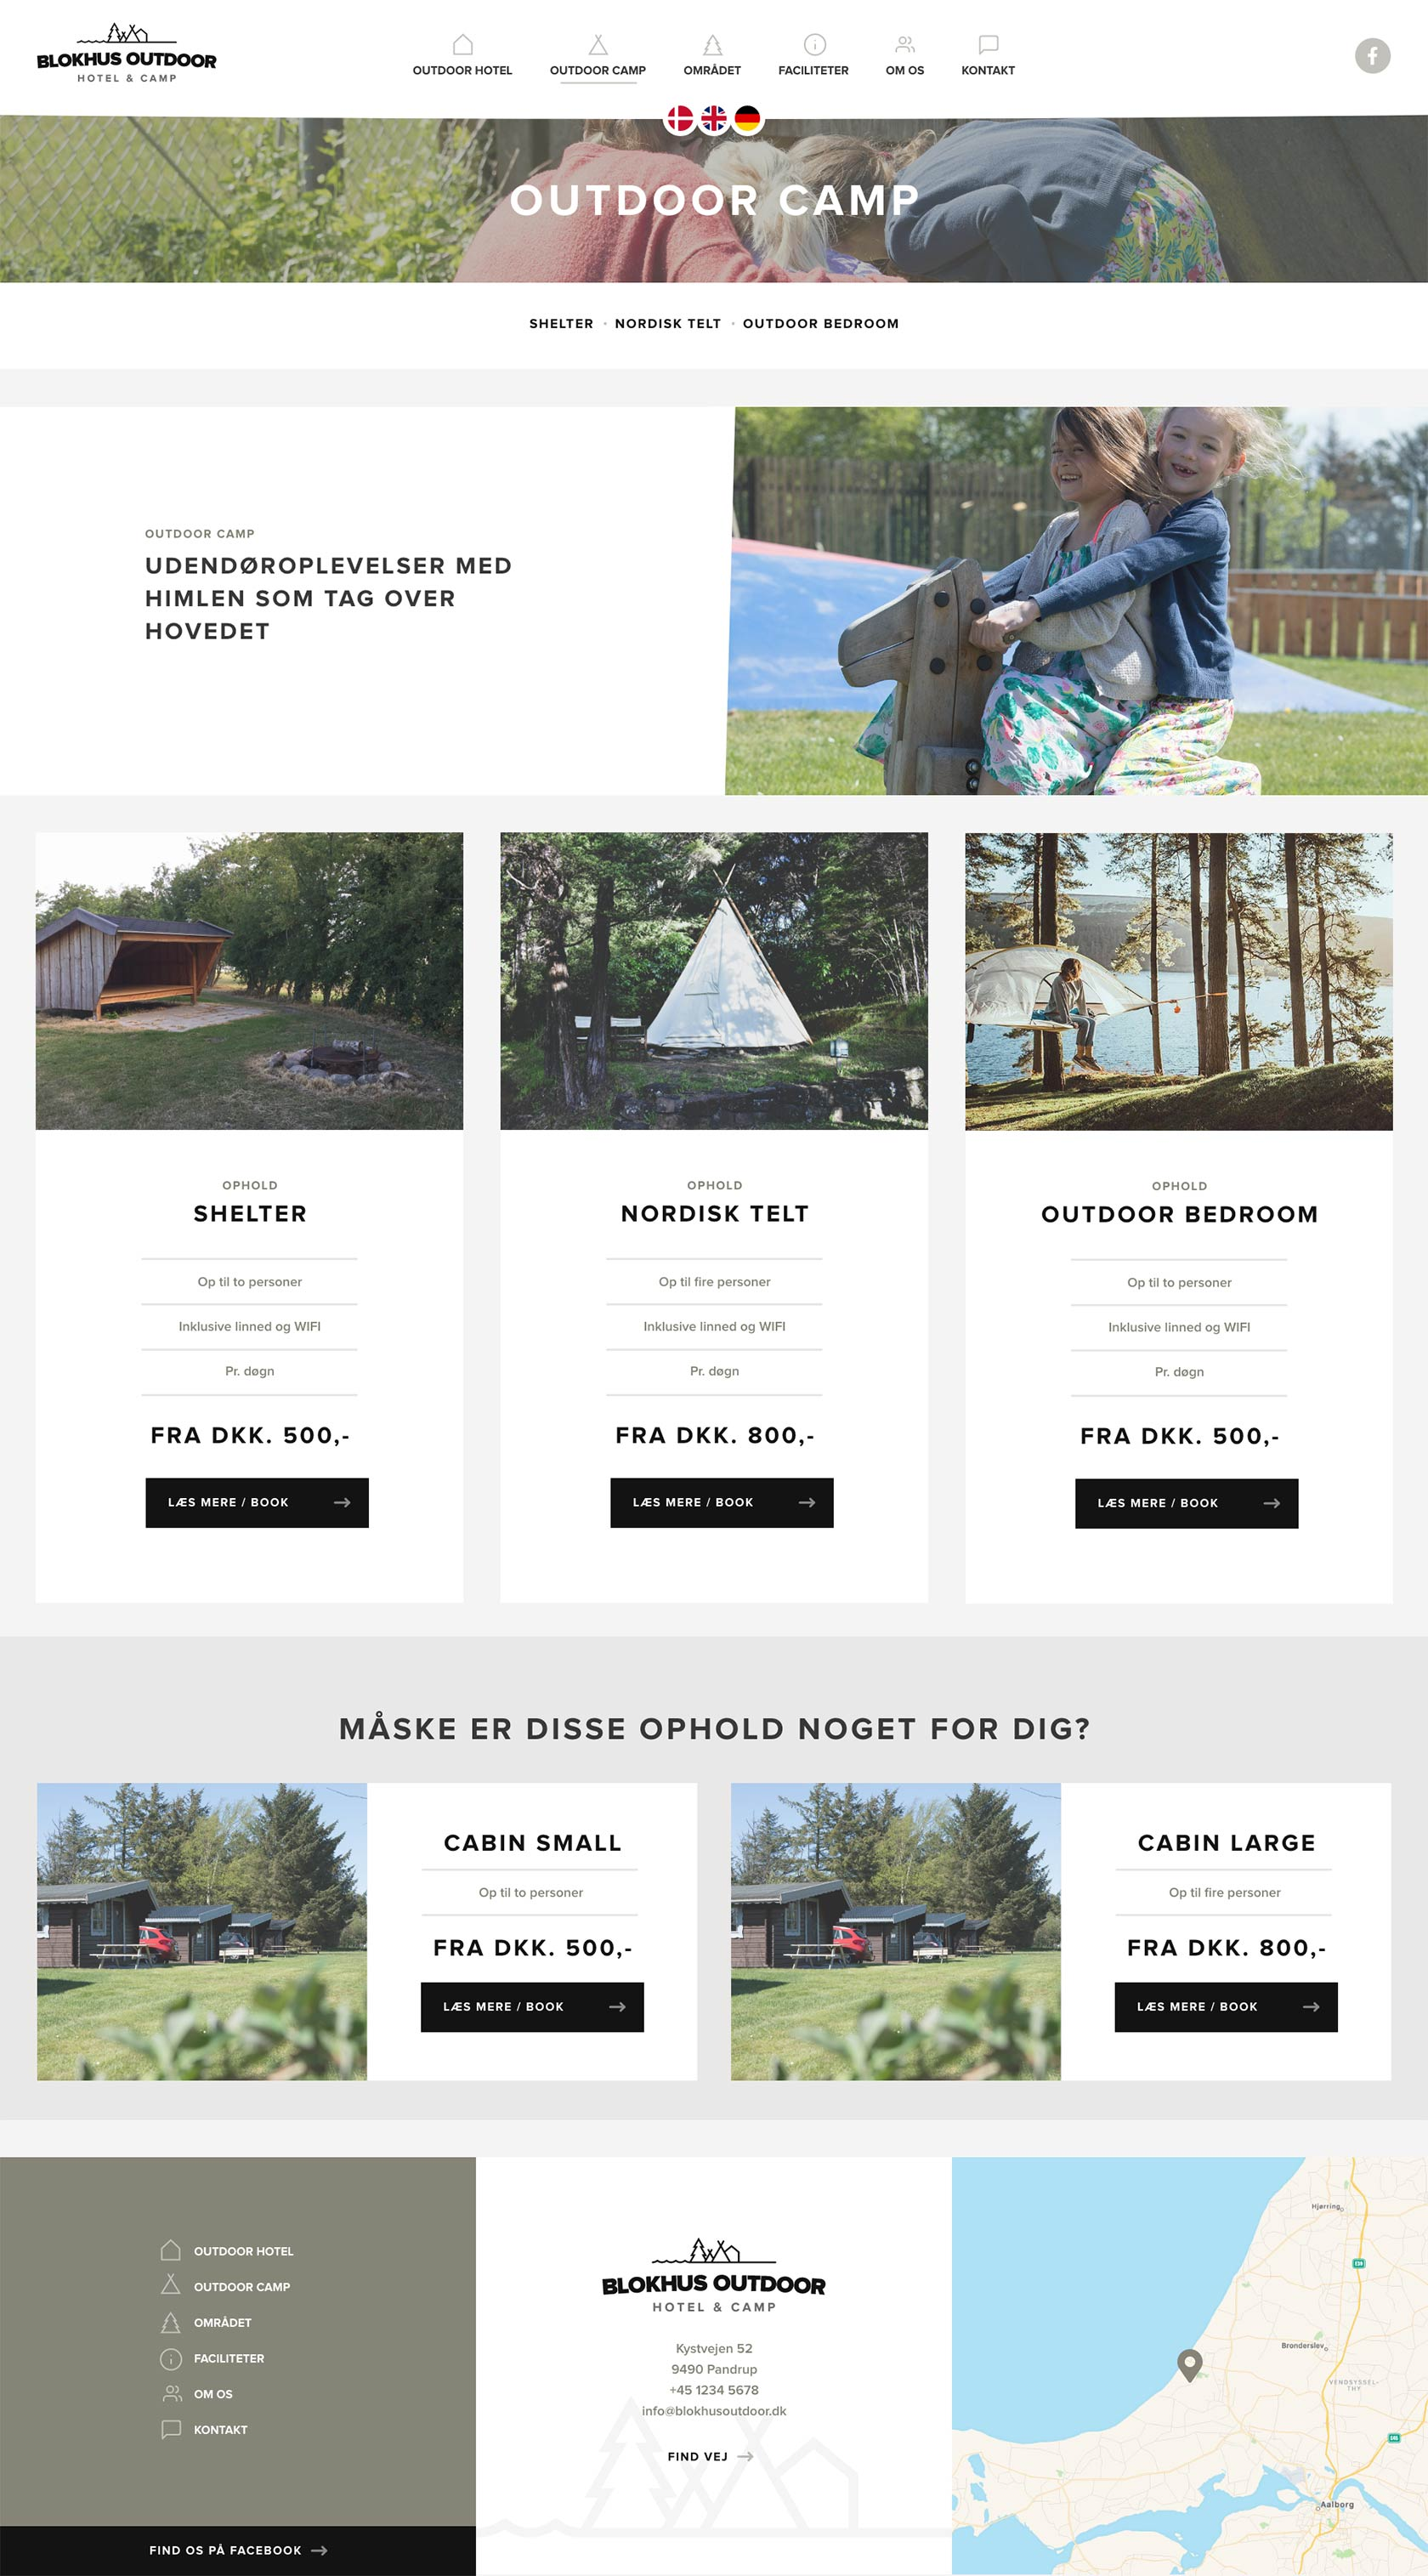 Billede der viser design på bookingside på Blokhus Outdoors hjemmeside